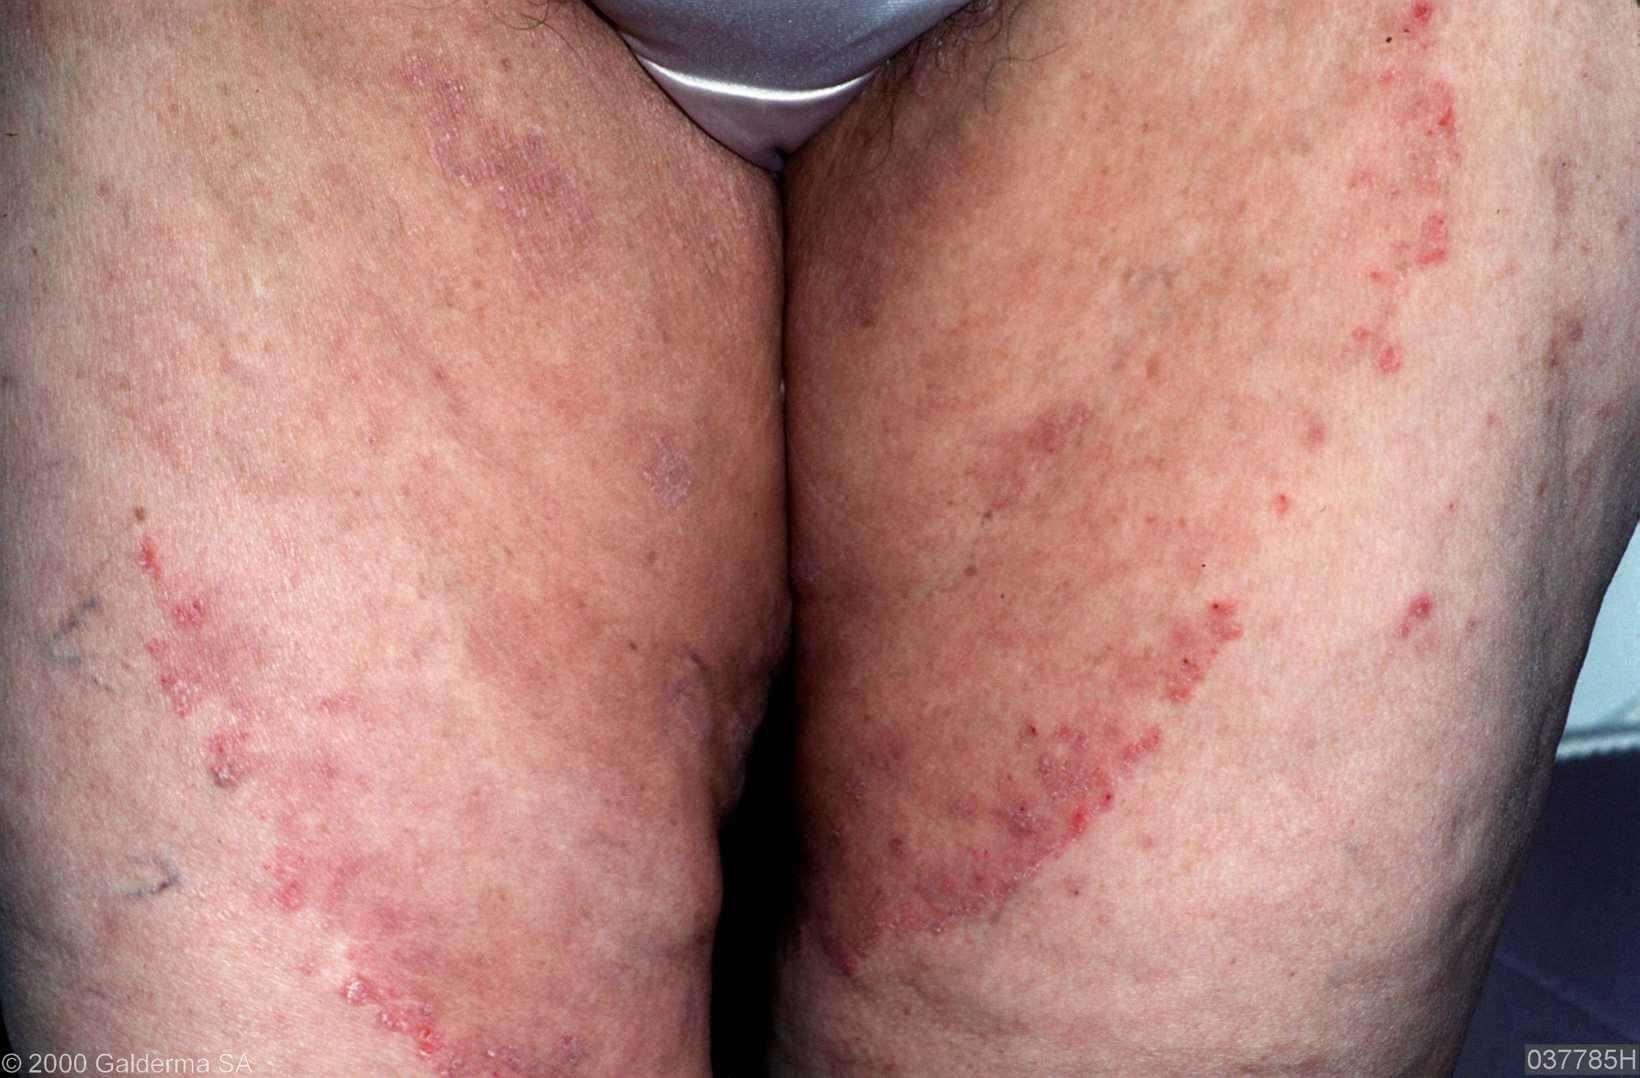 schimmelinfectie lies behandeling